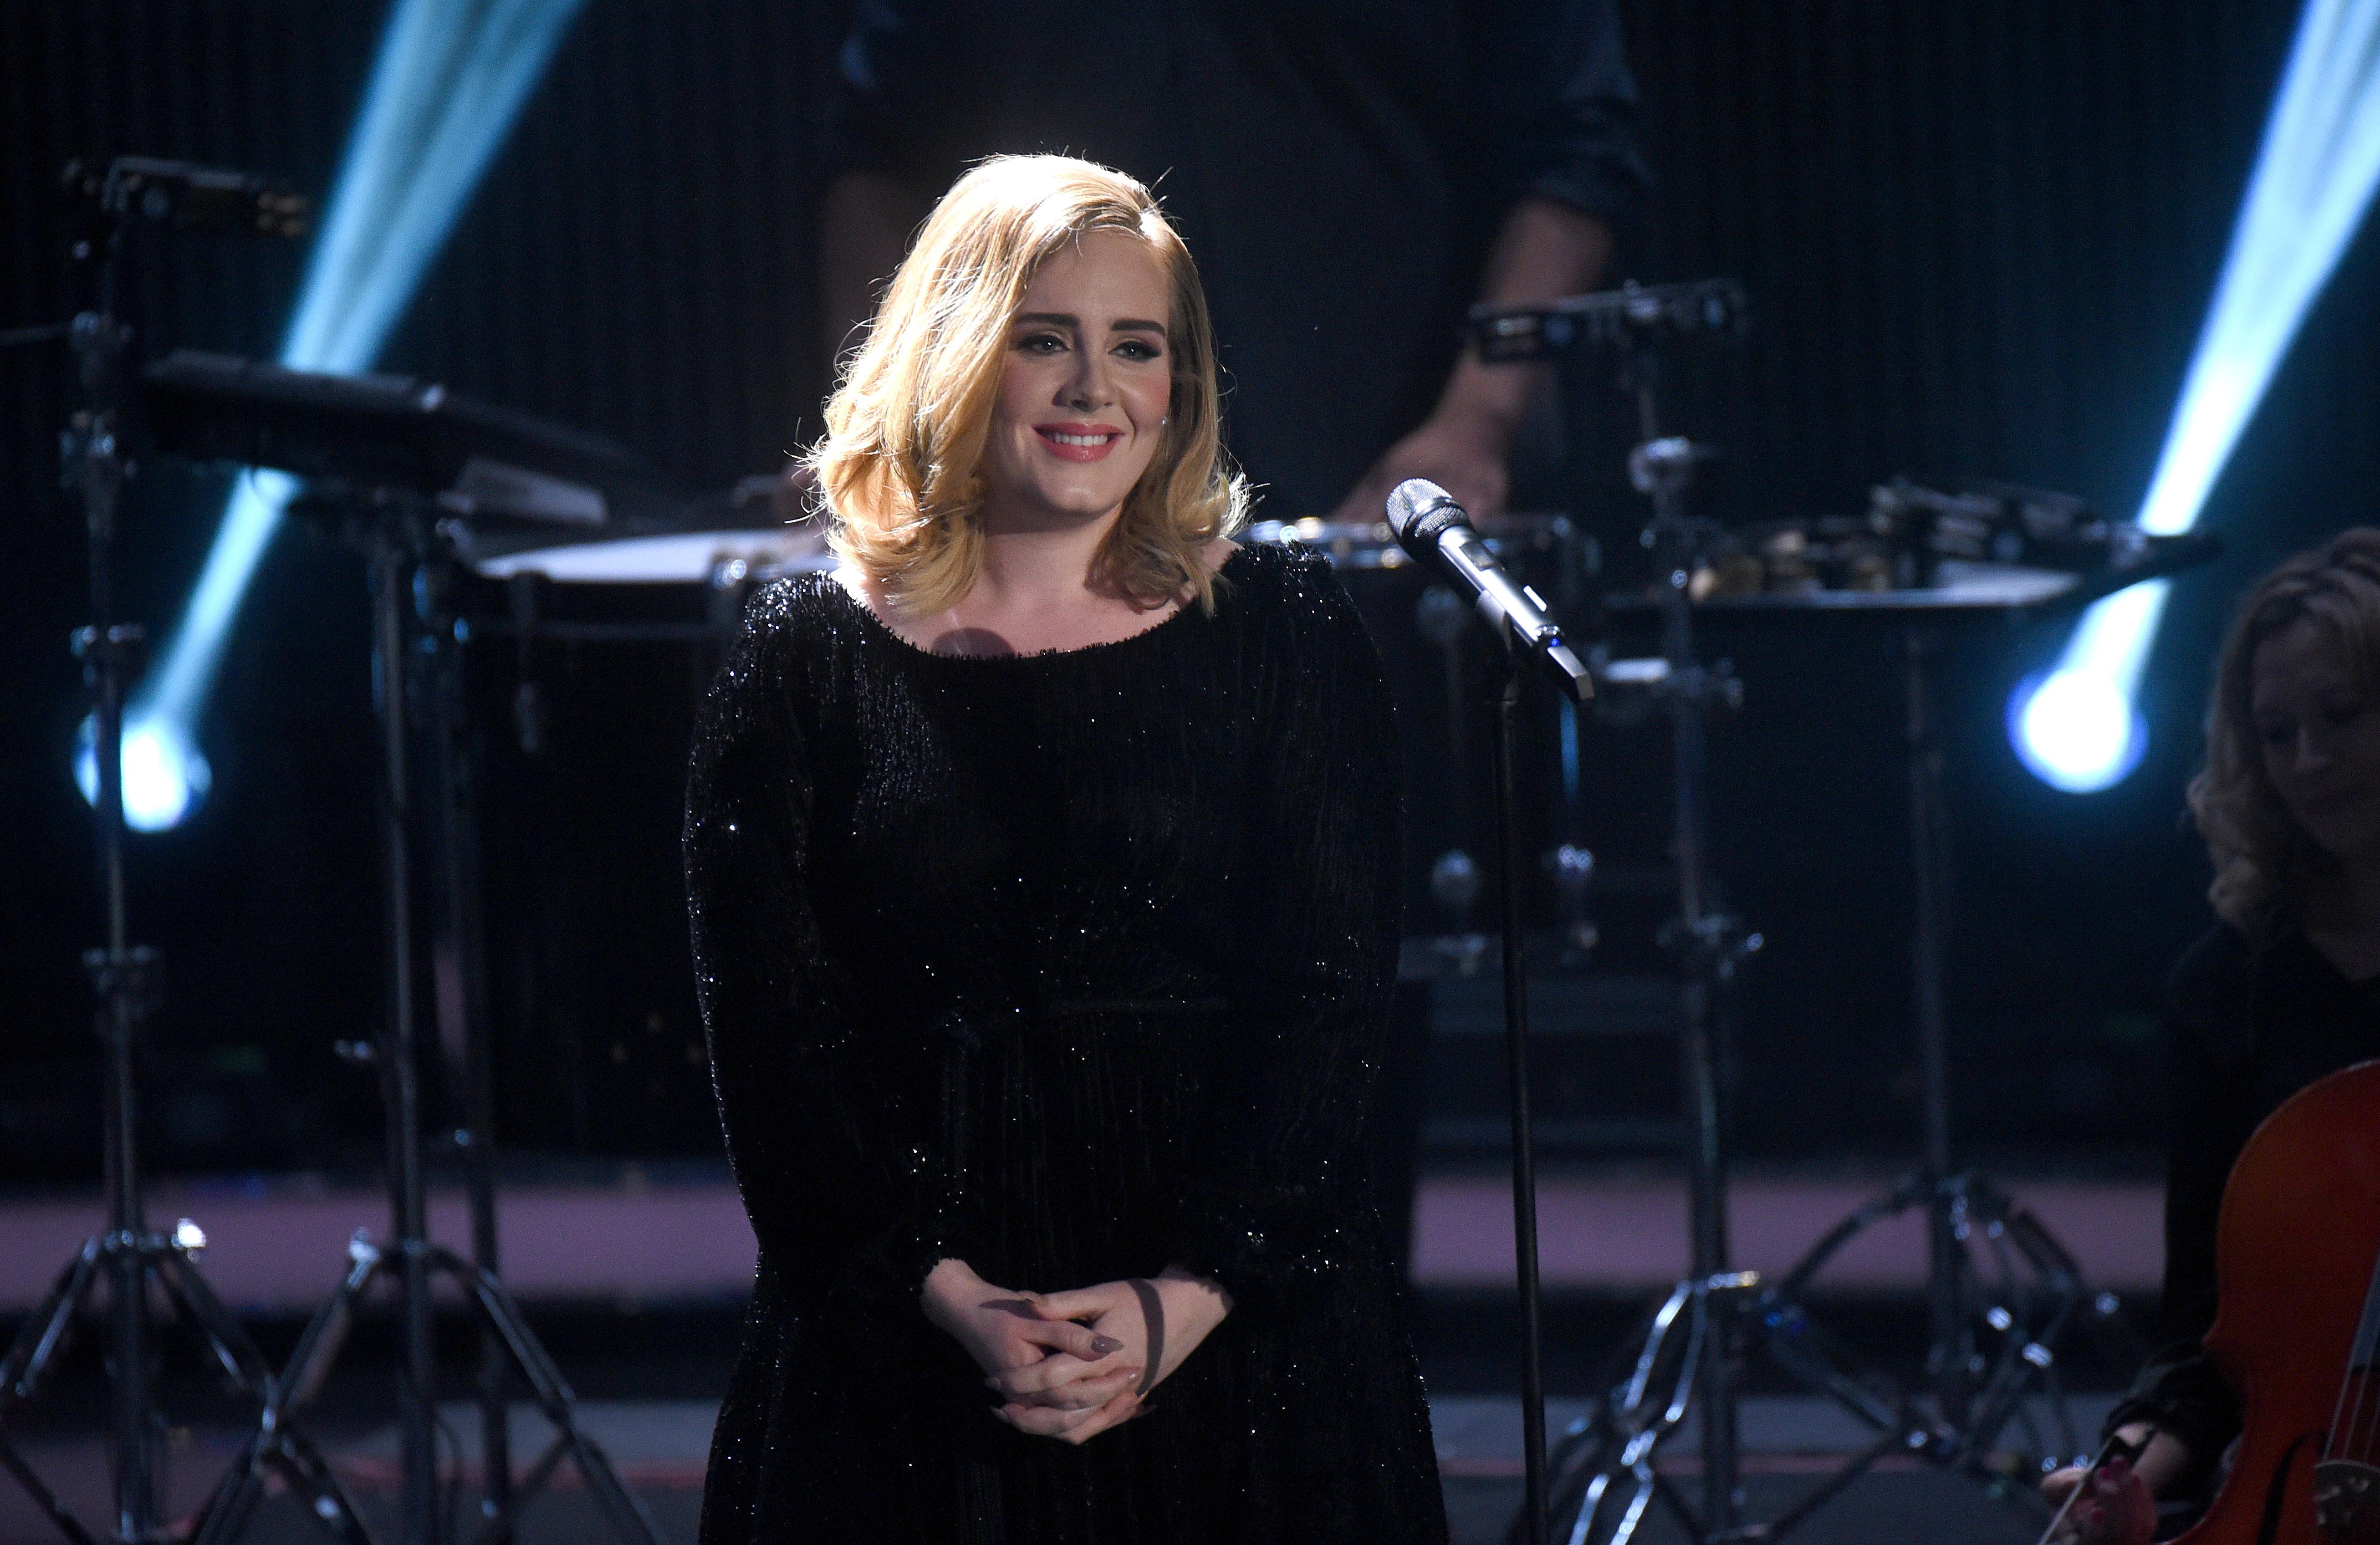 Известной английской эстрадной певице Адель исполняется 30 лет